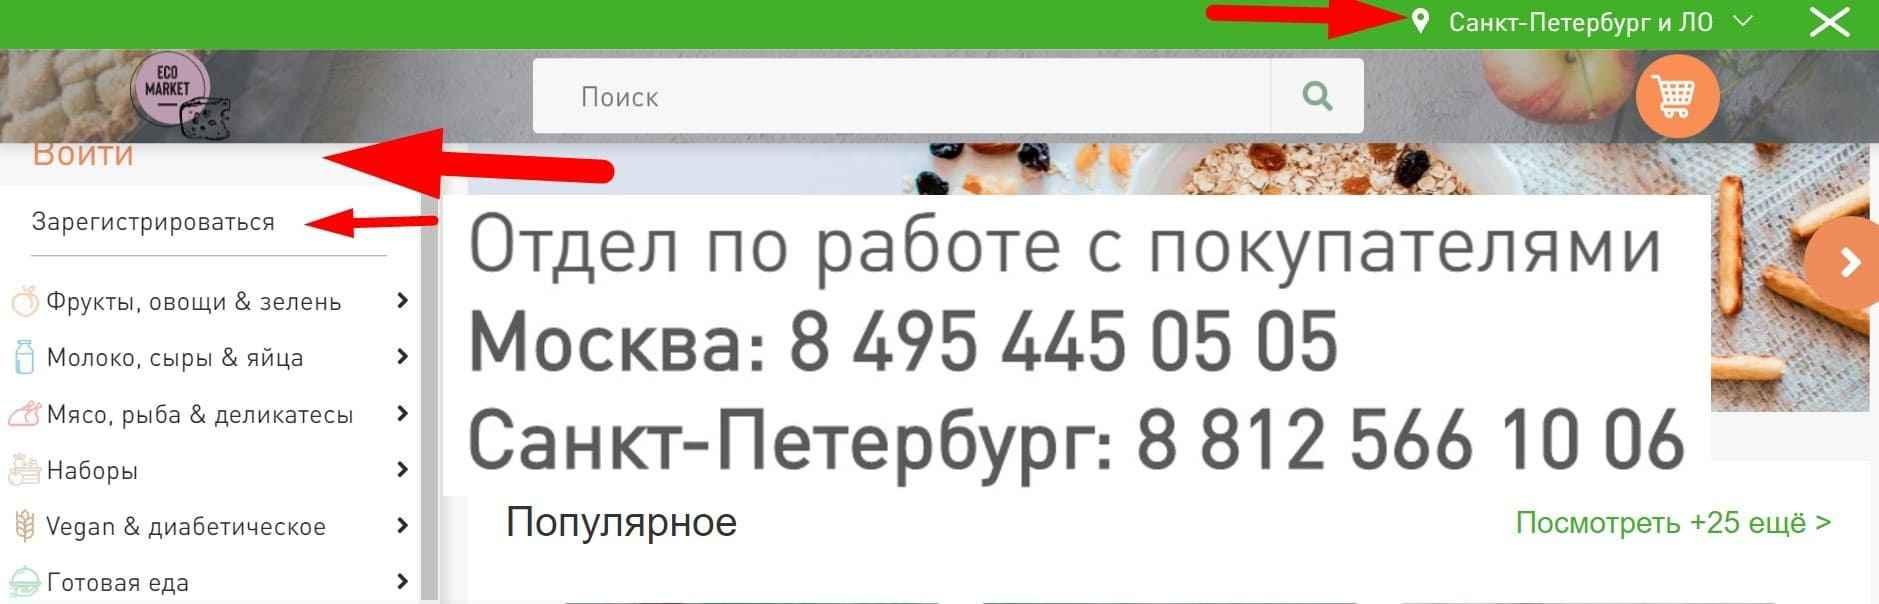 Экомаркет СПБ